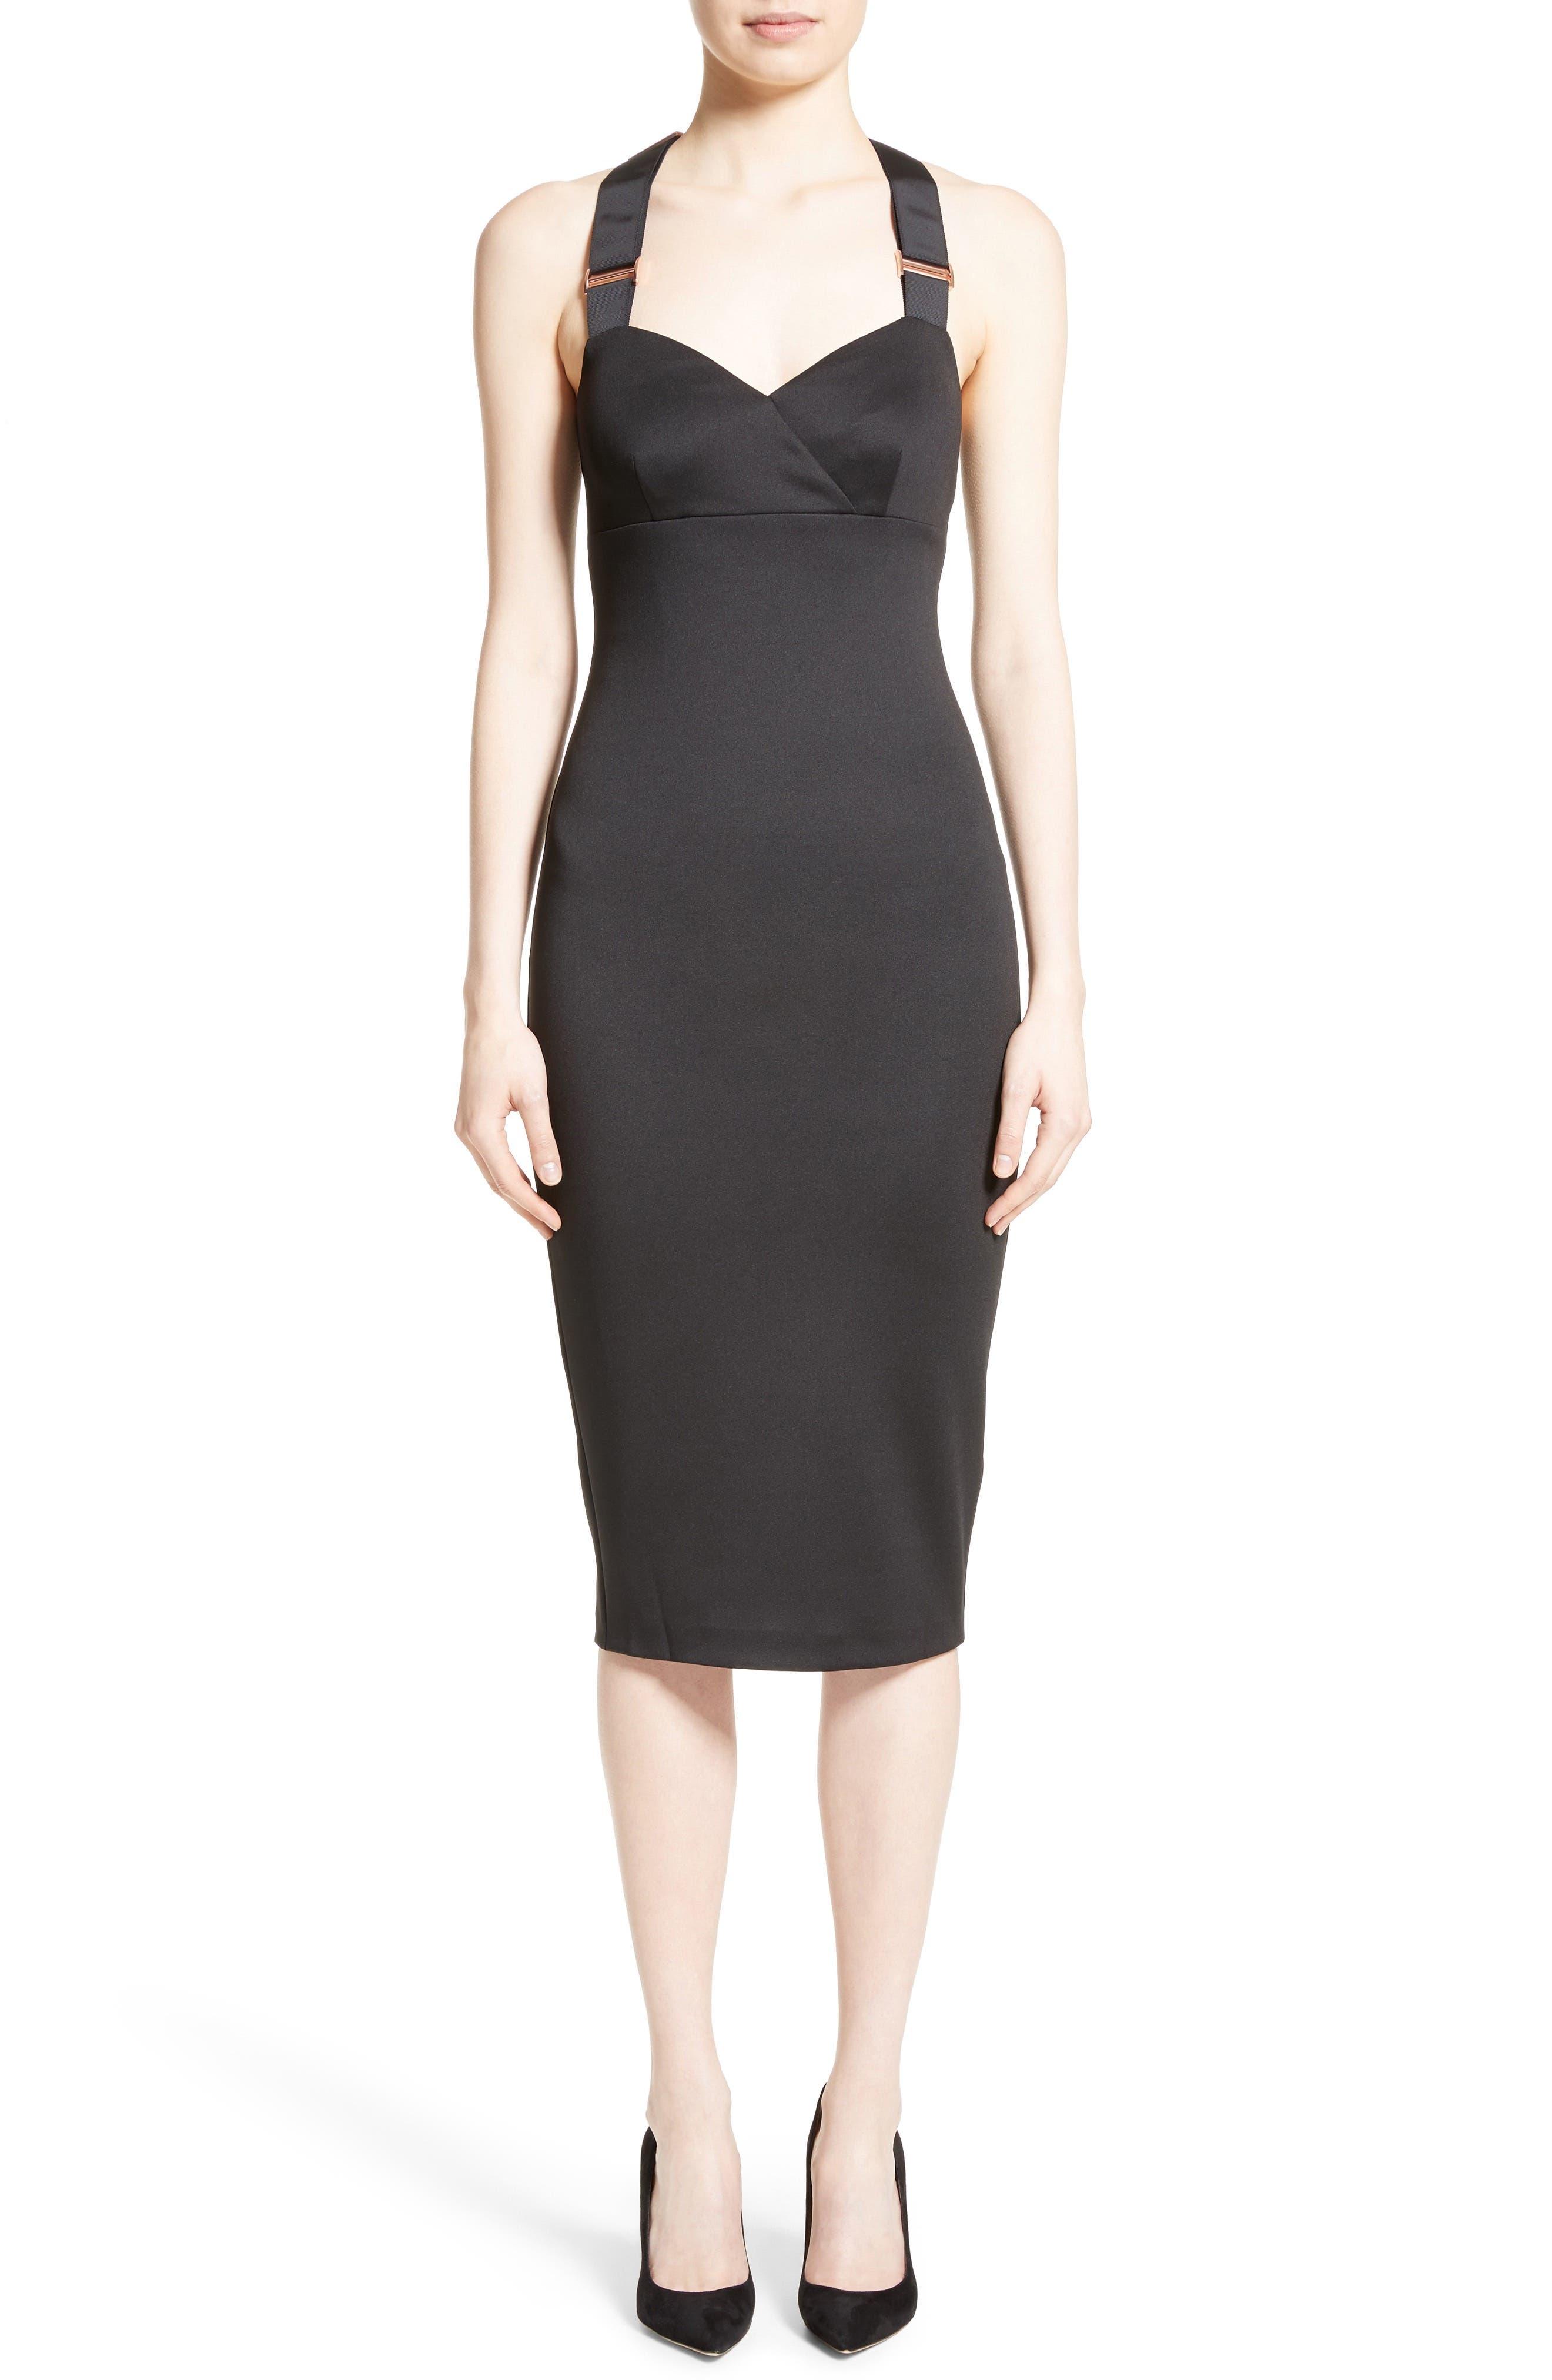 Alternate Image 1 Selected - Ted Baker London Akeltt Neoprene Sheath Dress